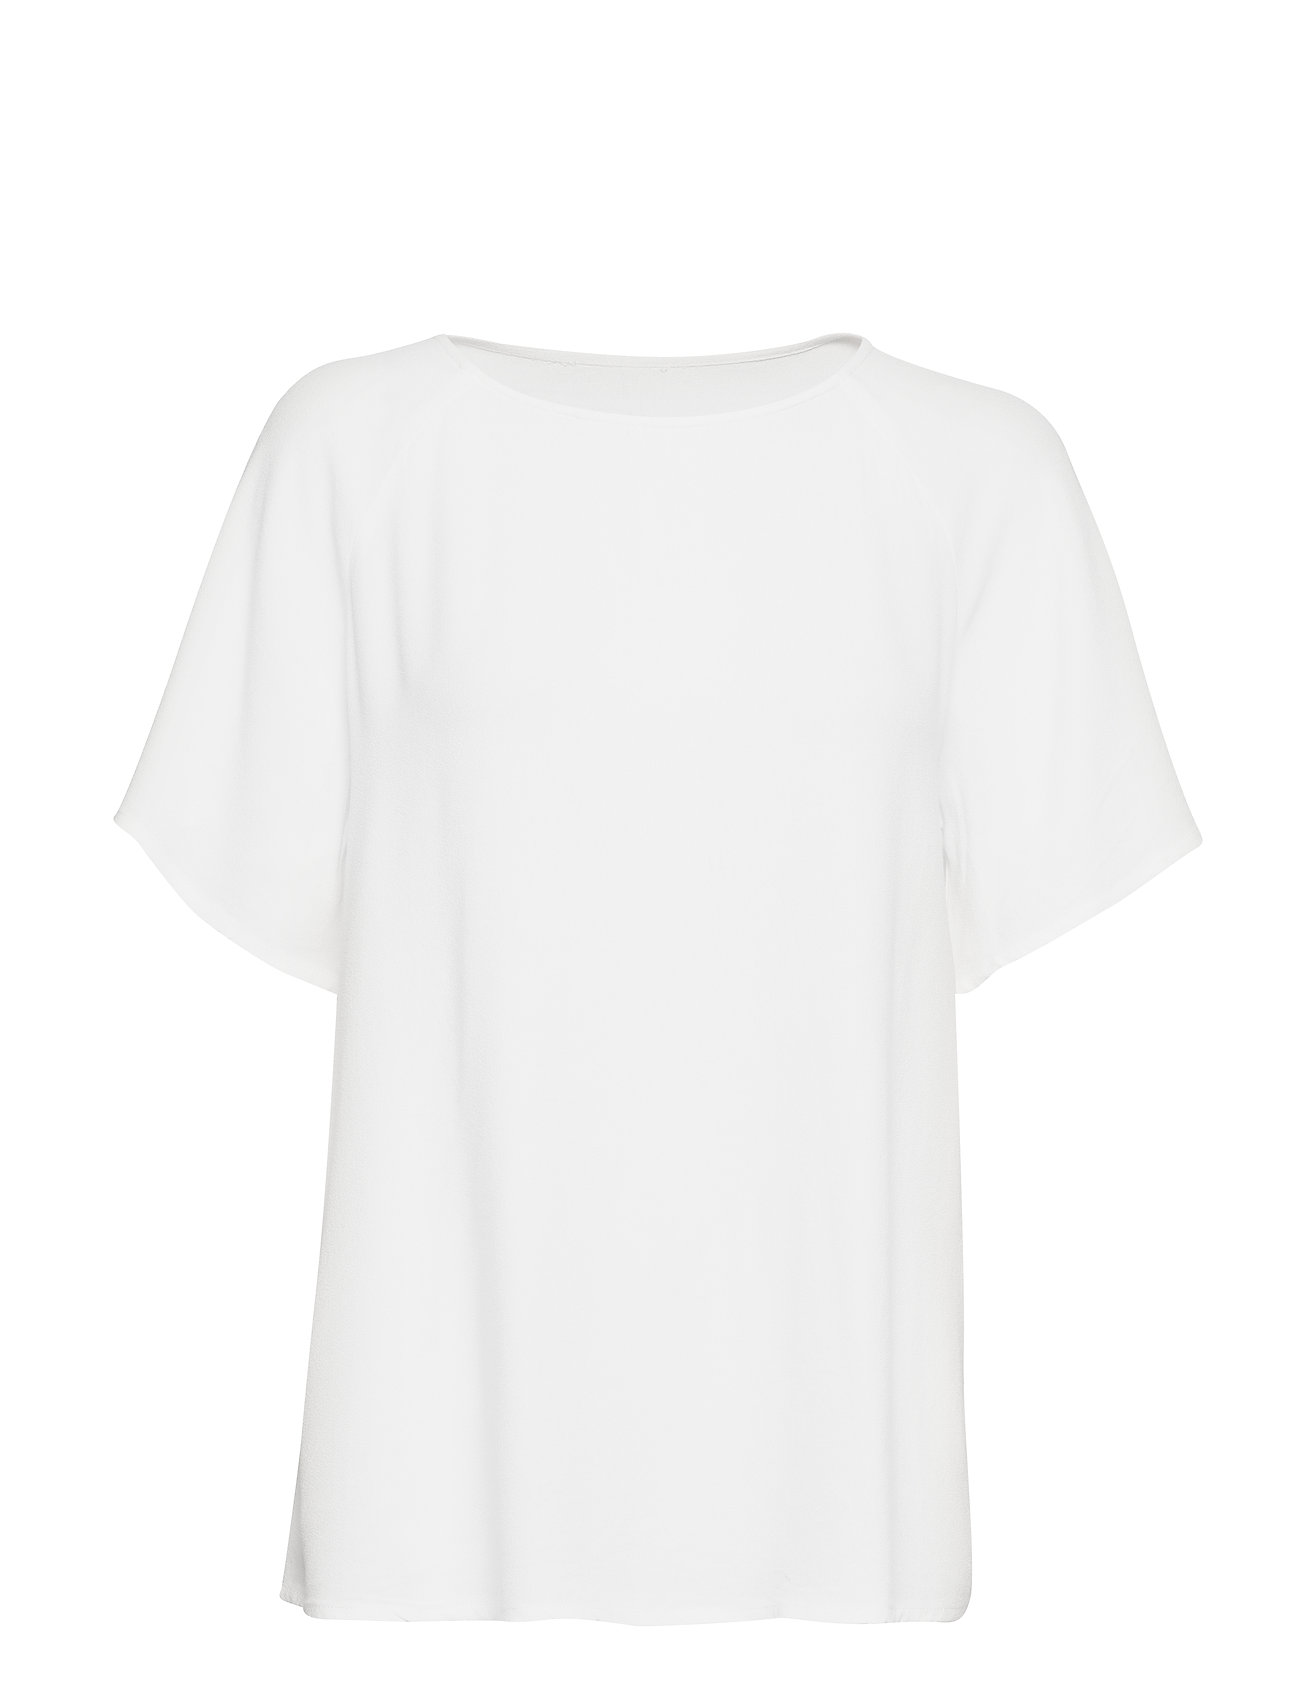 Lexington Clothing Ellis Top - WHITE